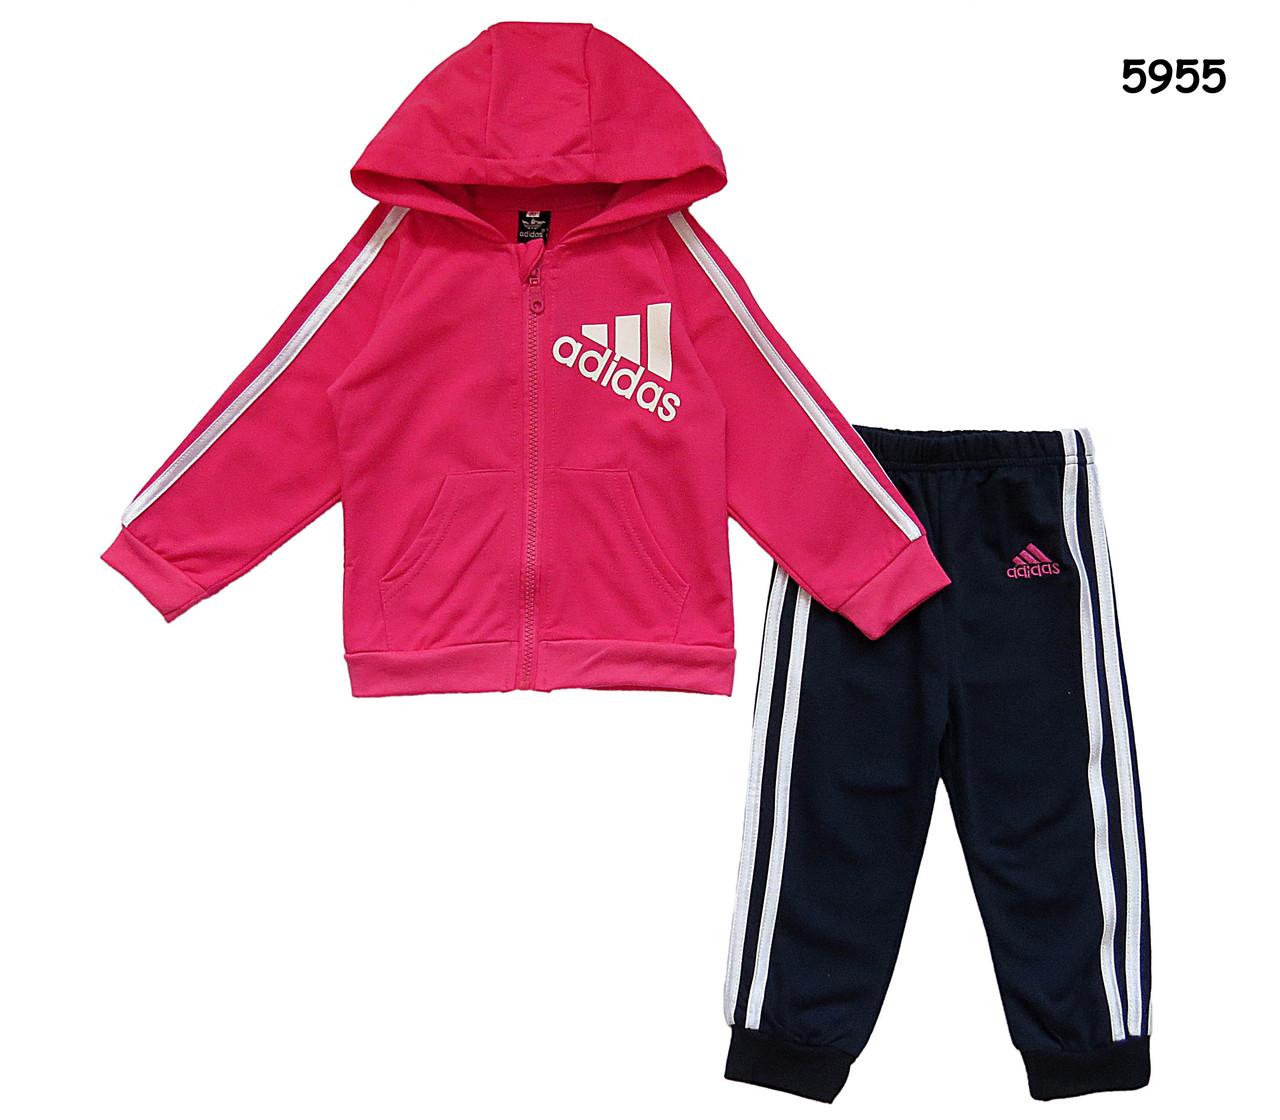 e8988d3d5376 Спортивный костюм Adidas для девочки. 90 см: продажа, цена в Виннице.  спортивные ...